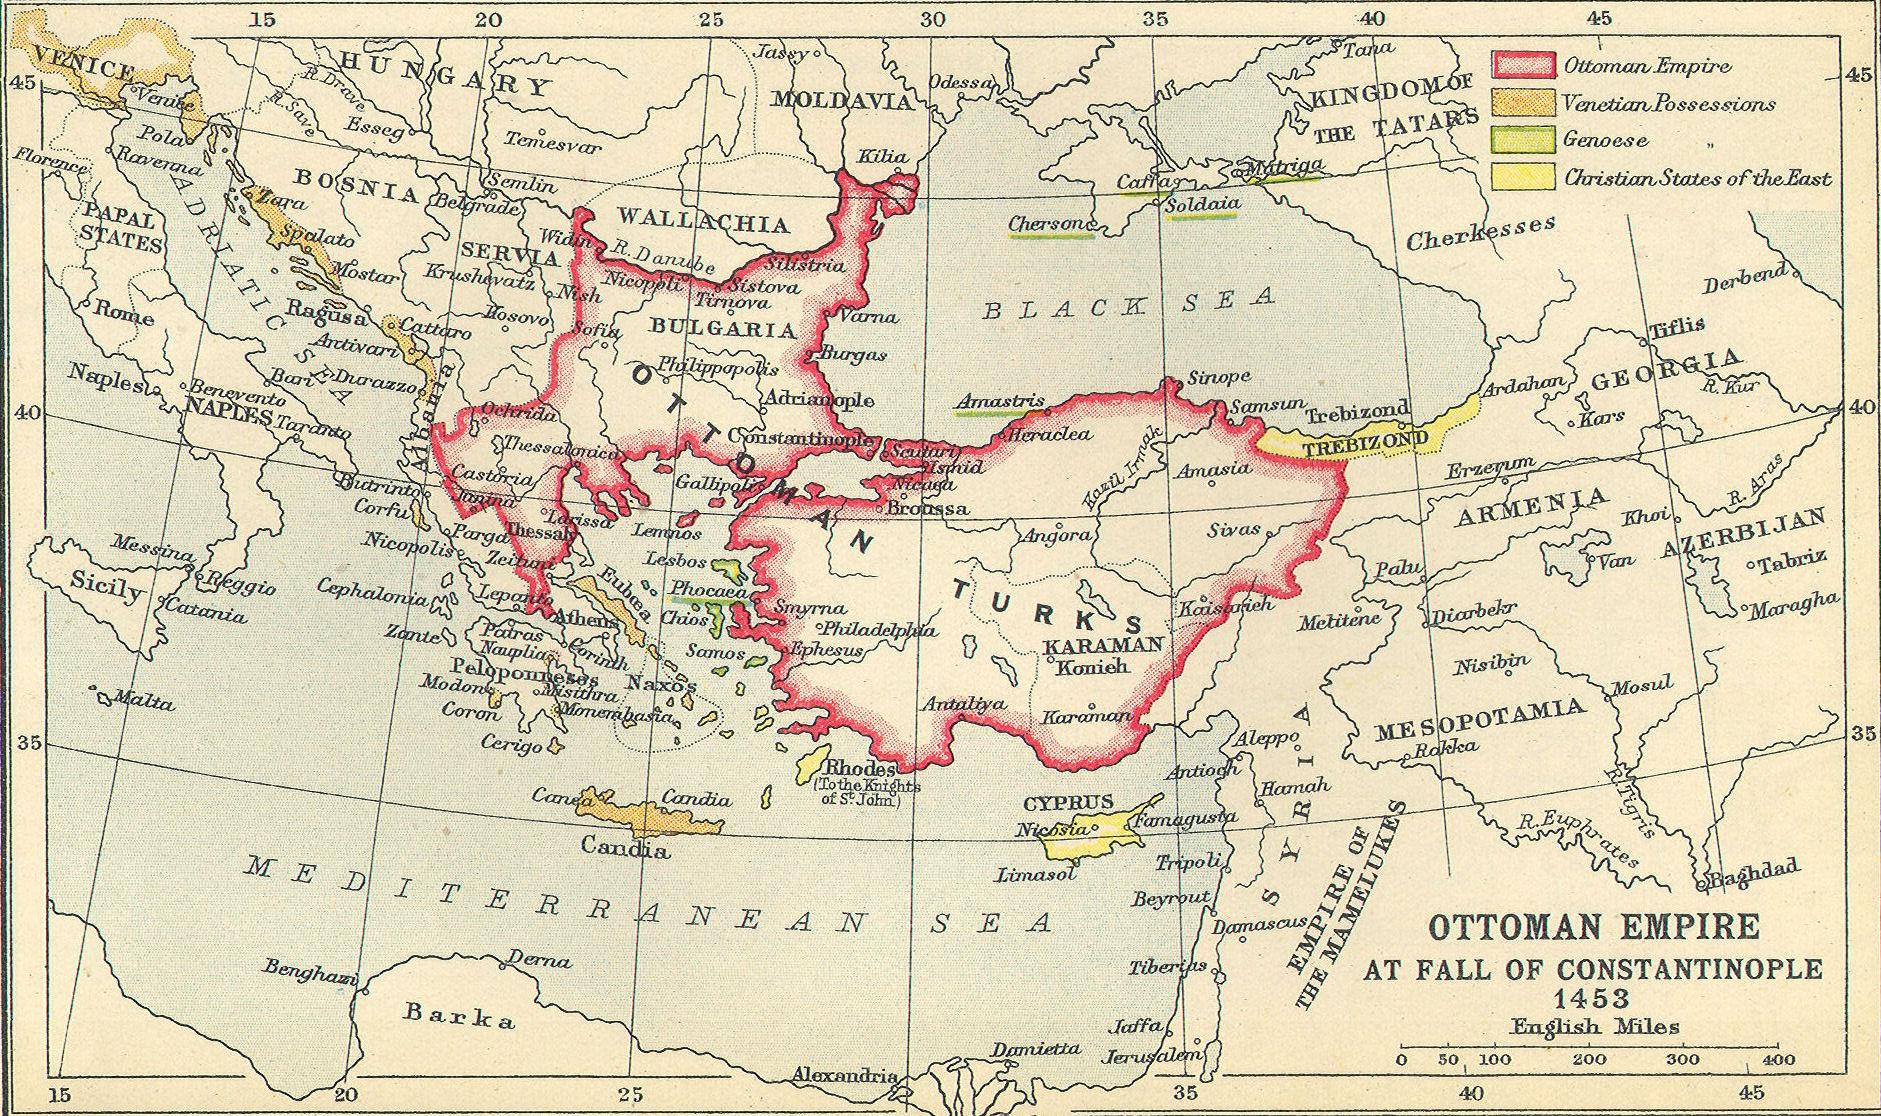 Imperio Otomano a la caída de Constantinopla 1453